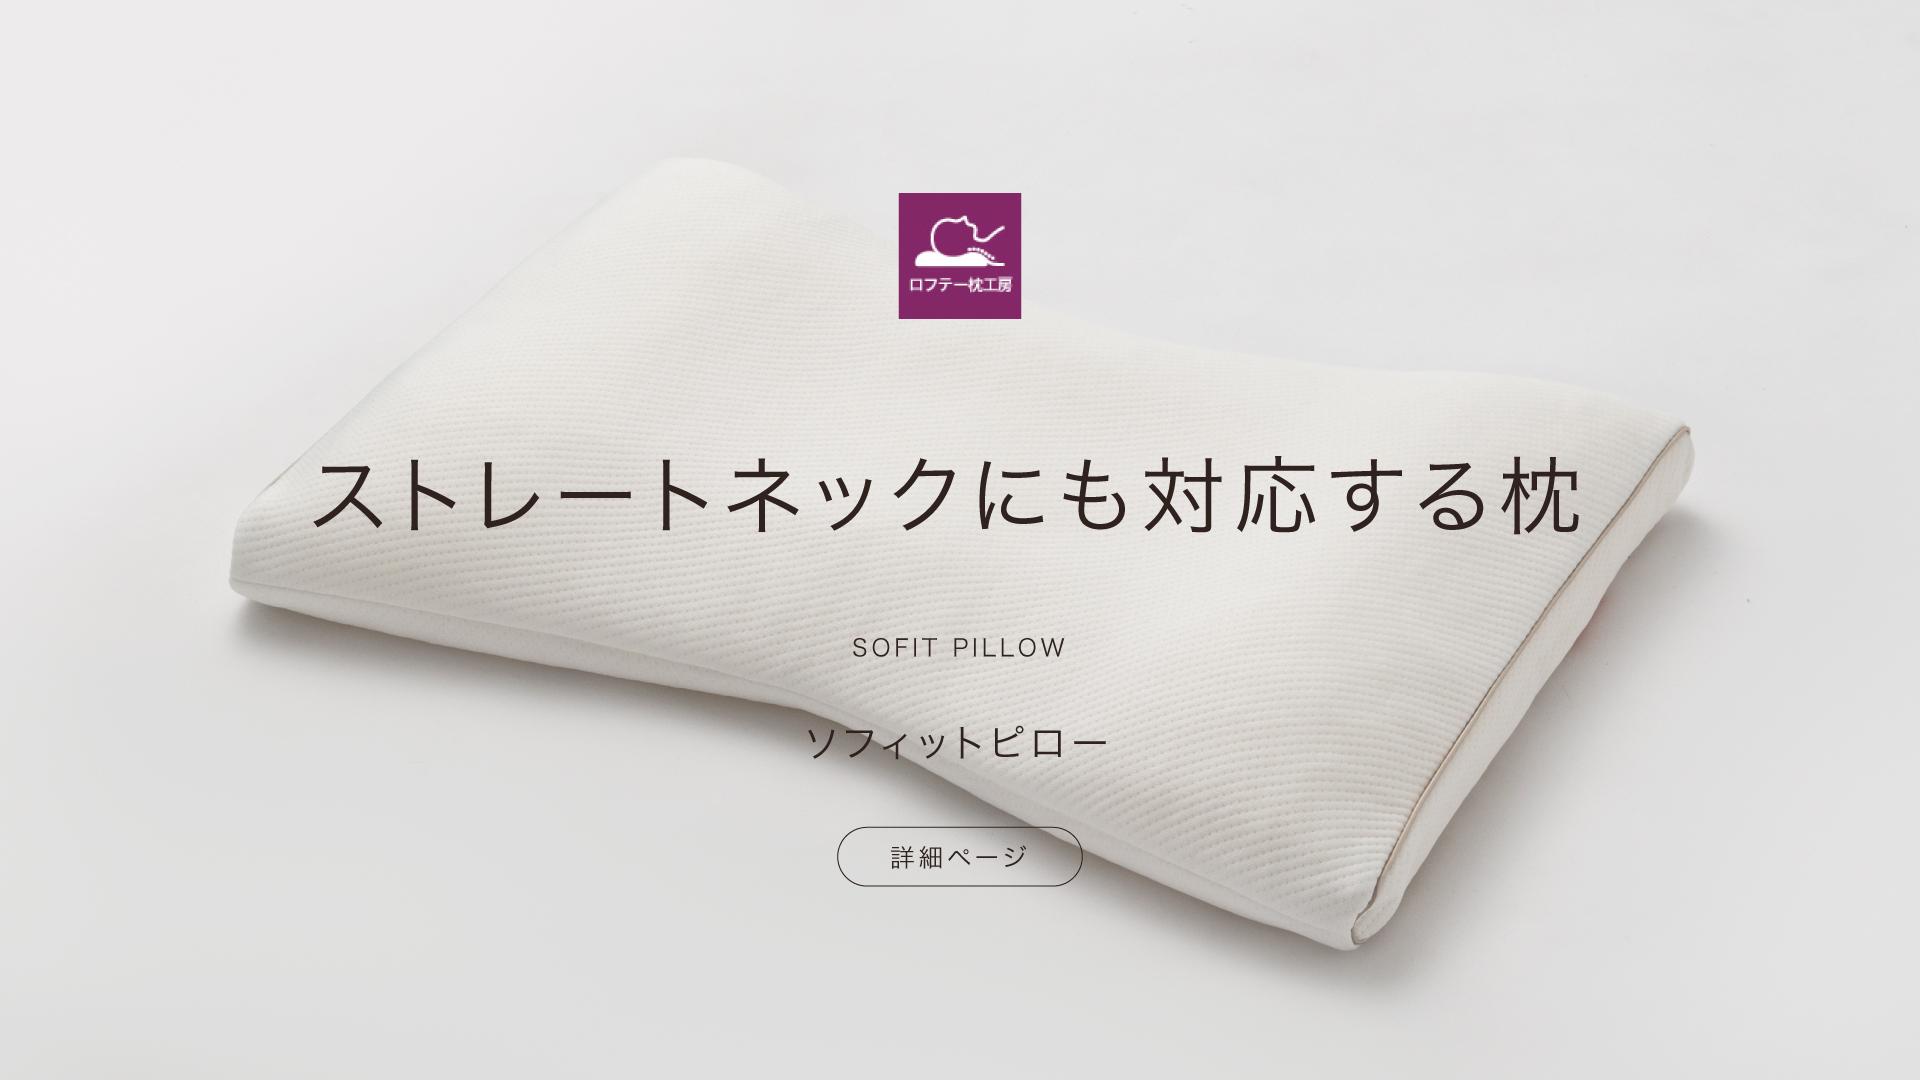 ストレートネックにも対応する枕。ソフィットピロー